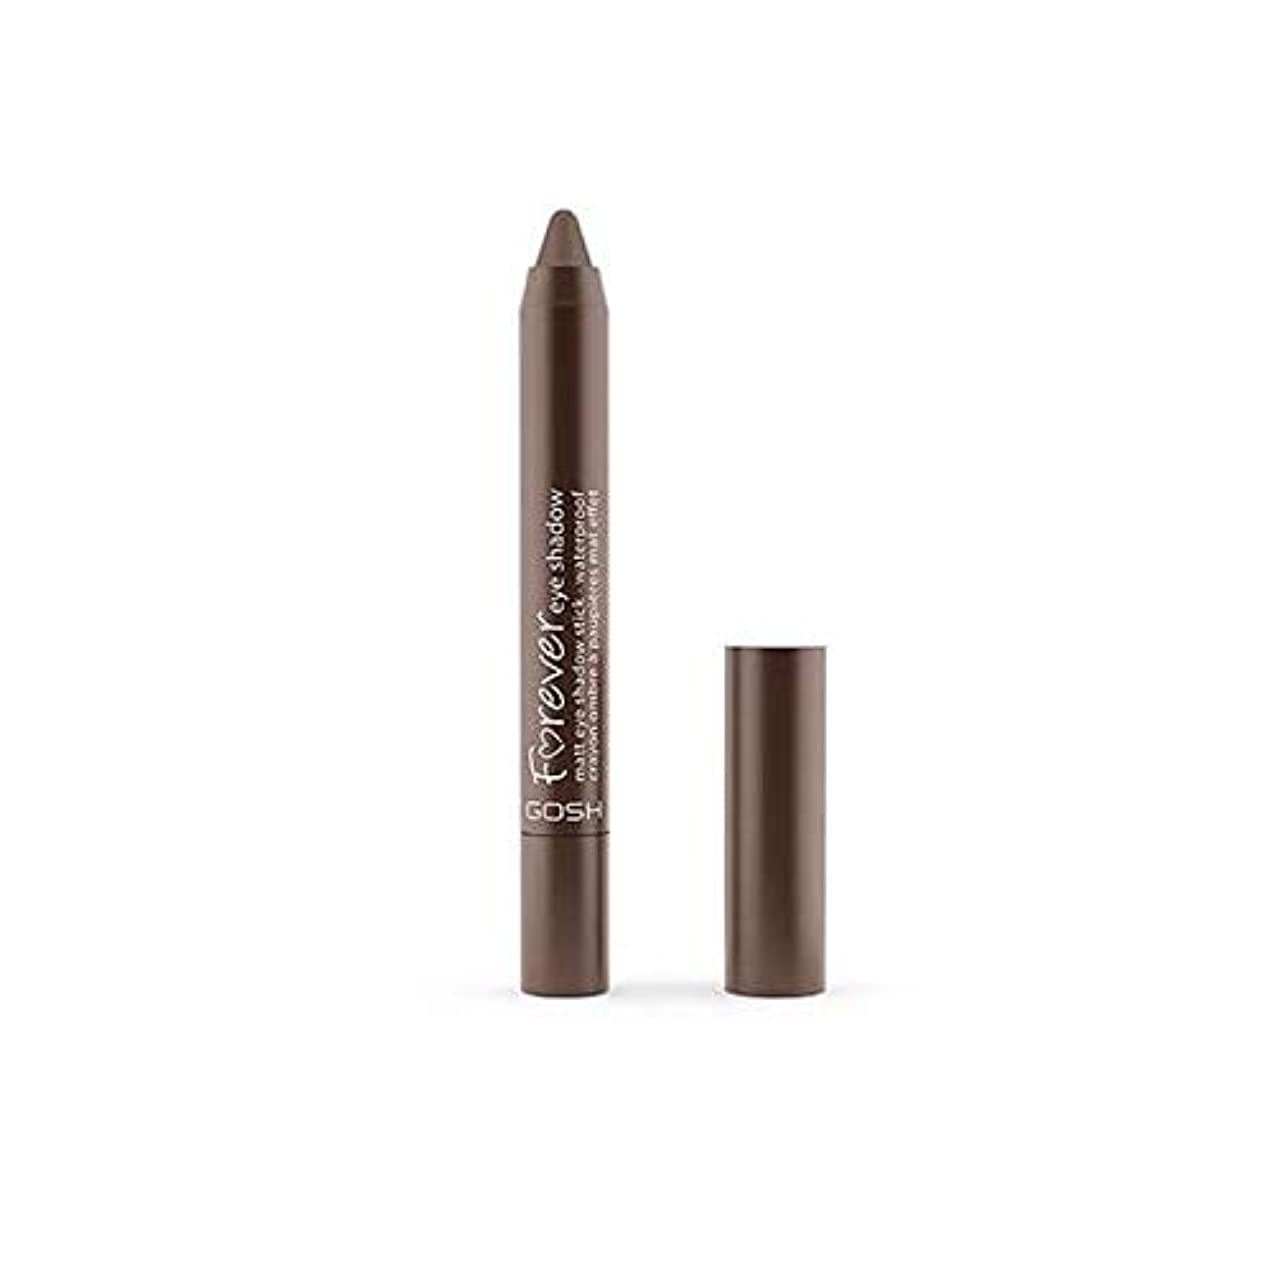 前述のキャラクターピット[GOSH ] おやっ永遠にシングルアイシャドウクレヨン11のD /ブラウン1.5グラムをマット - Gosh Forever Matte Single Eyeshadow Crayon 11 D/Brown 1.5G...